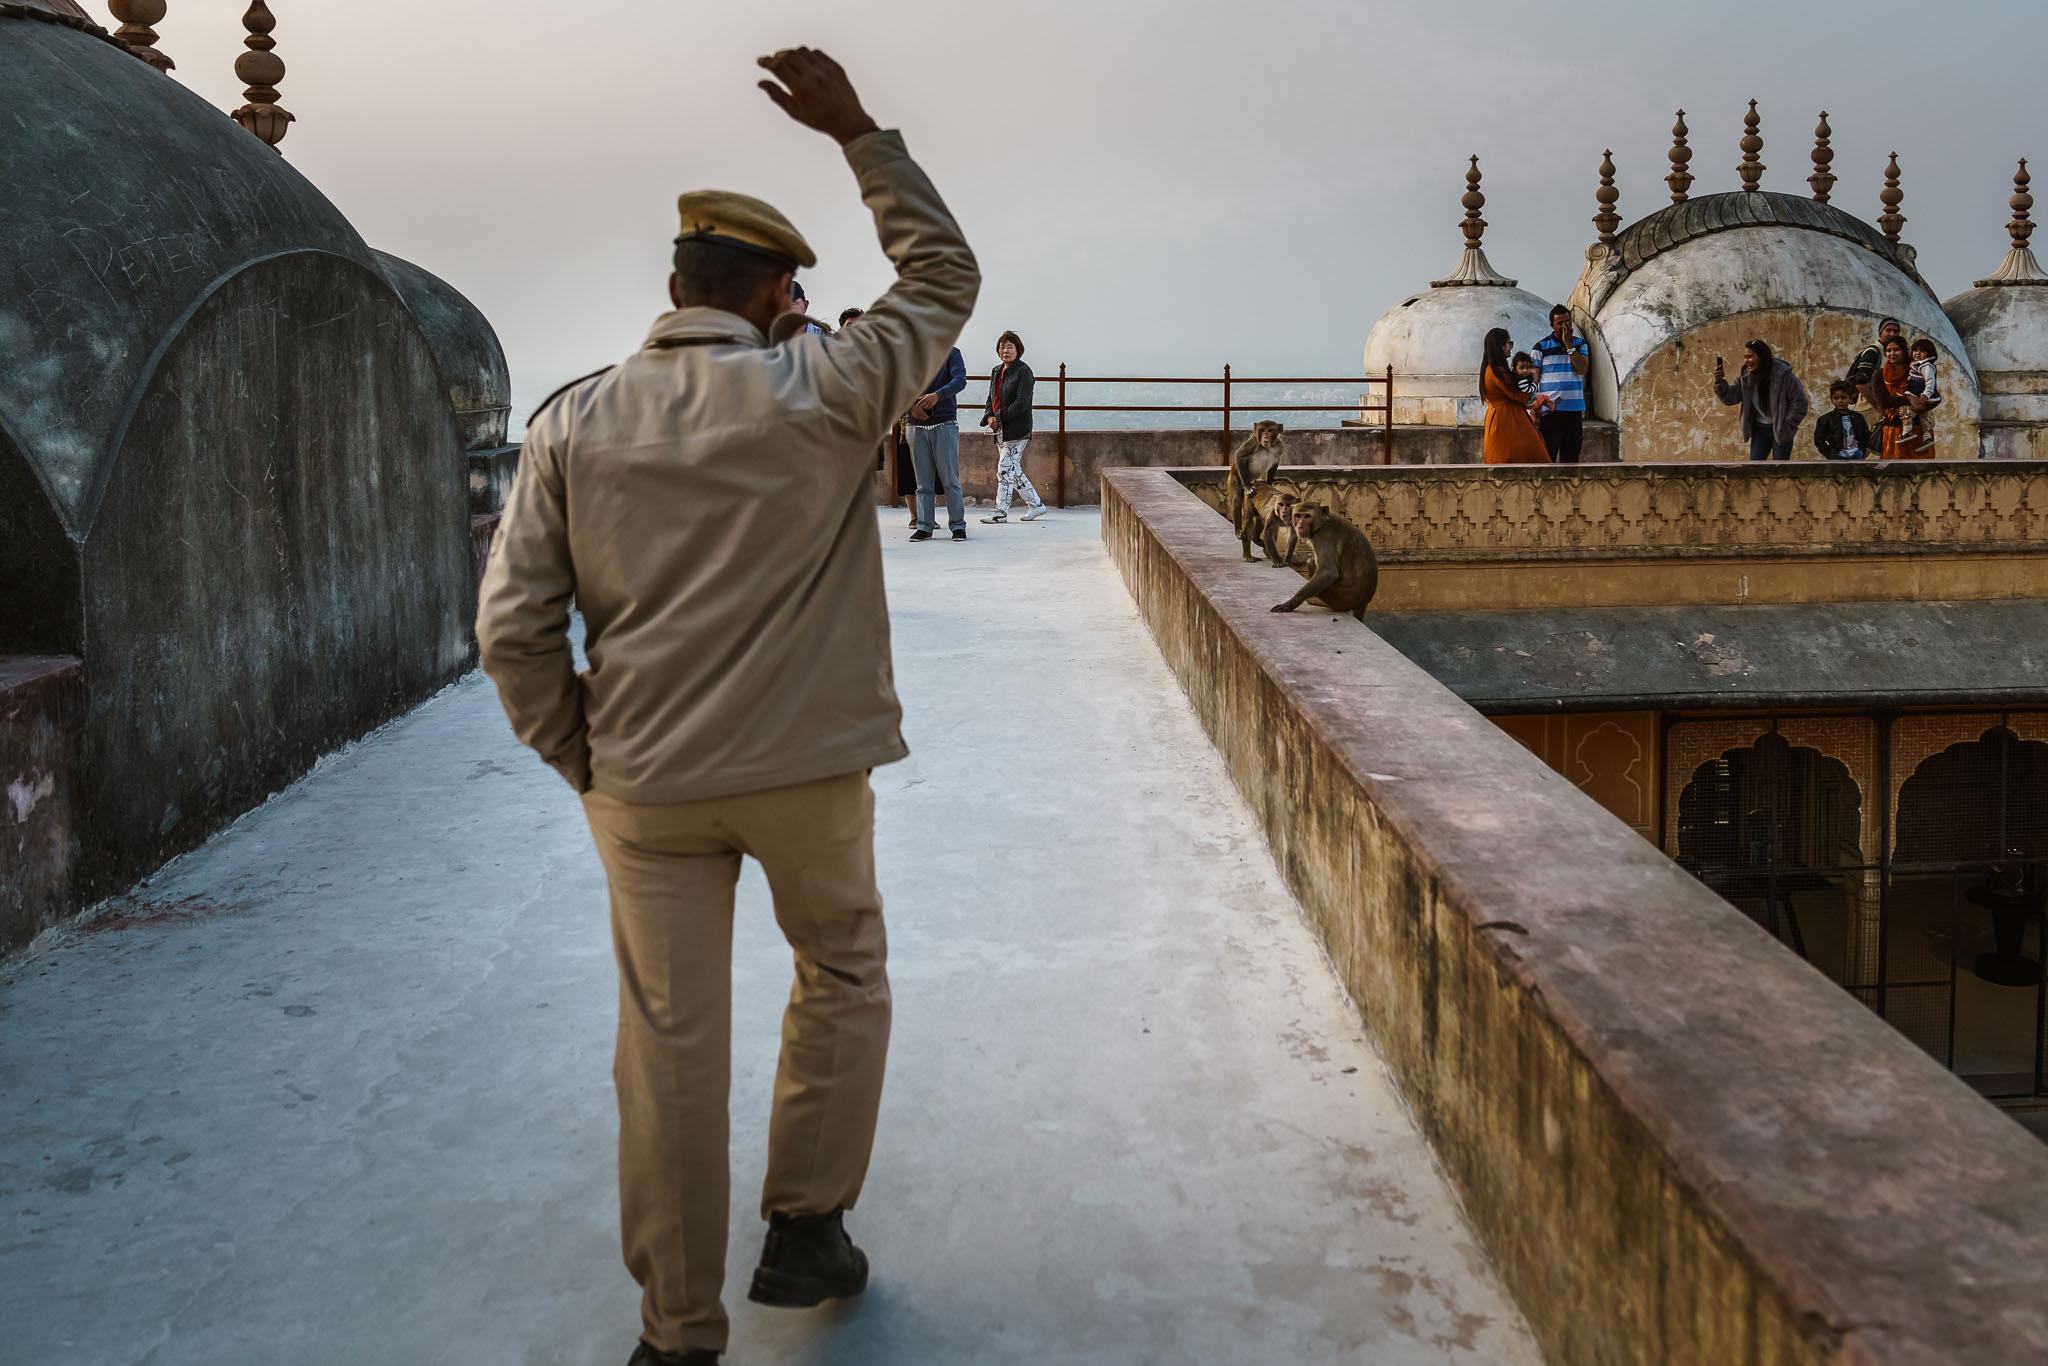 India-jaipur-monkey-8.jpg